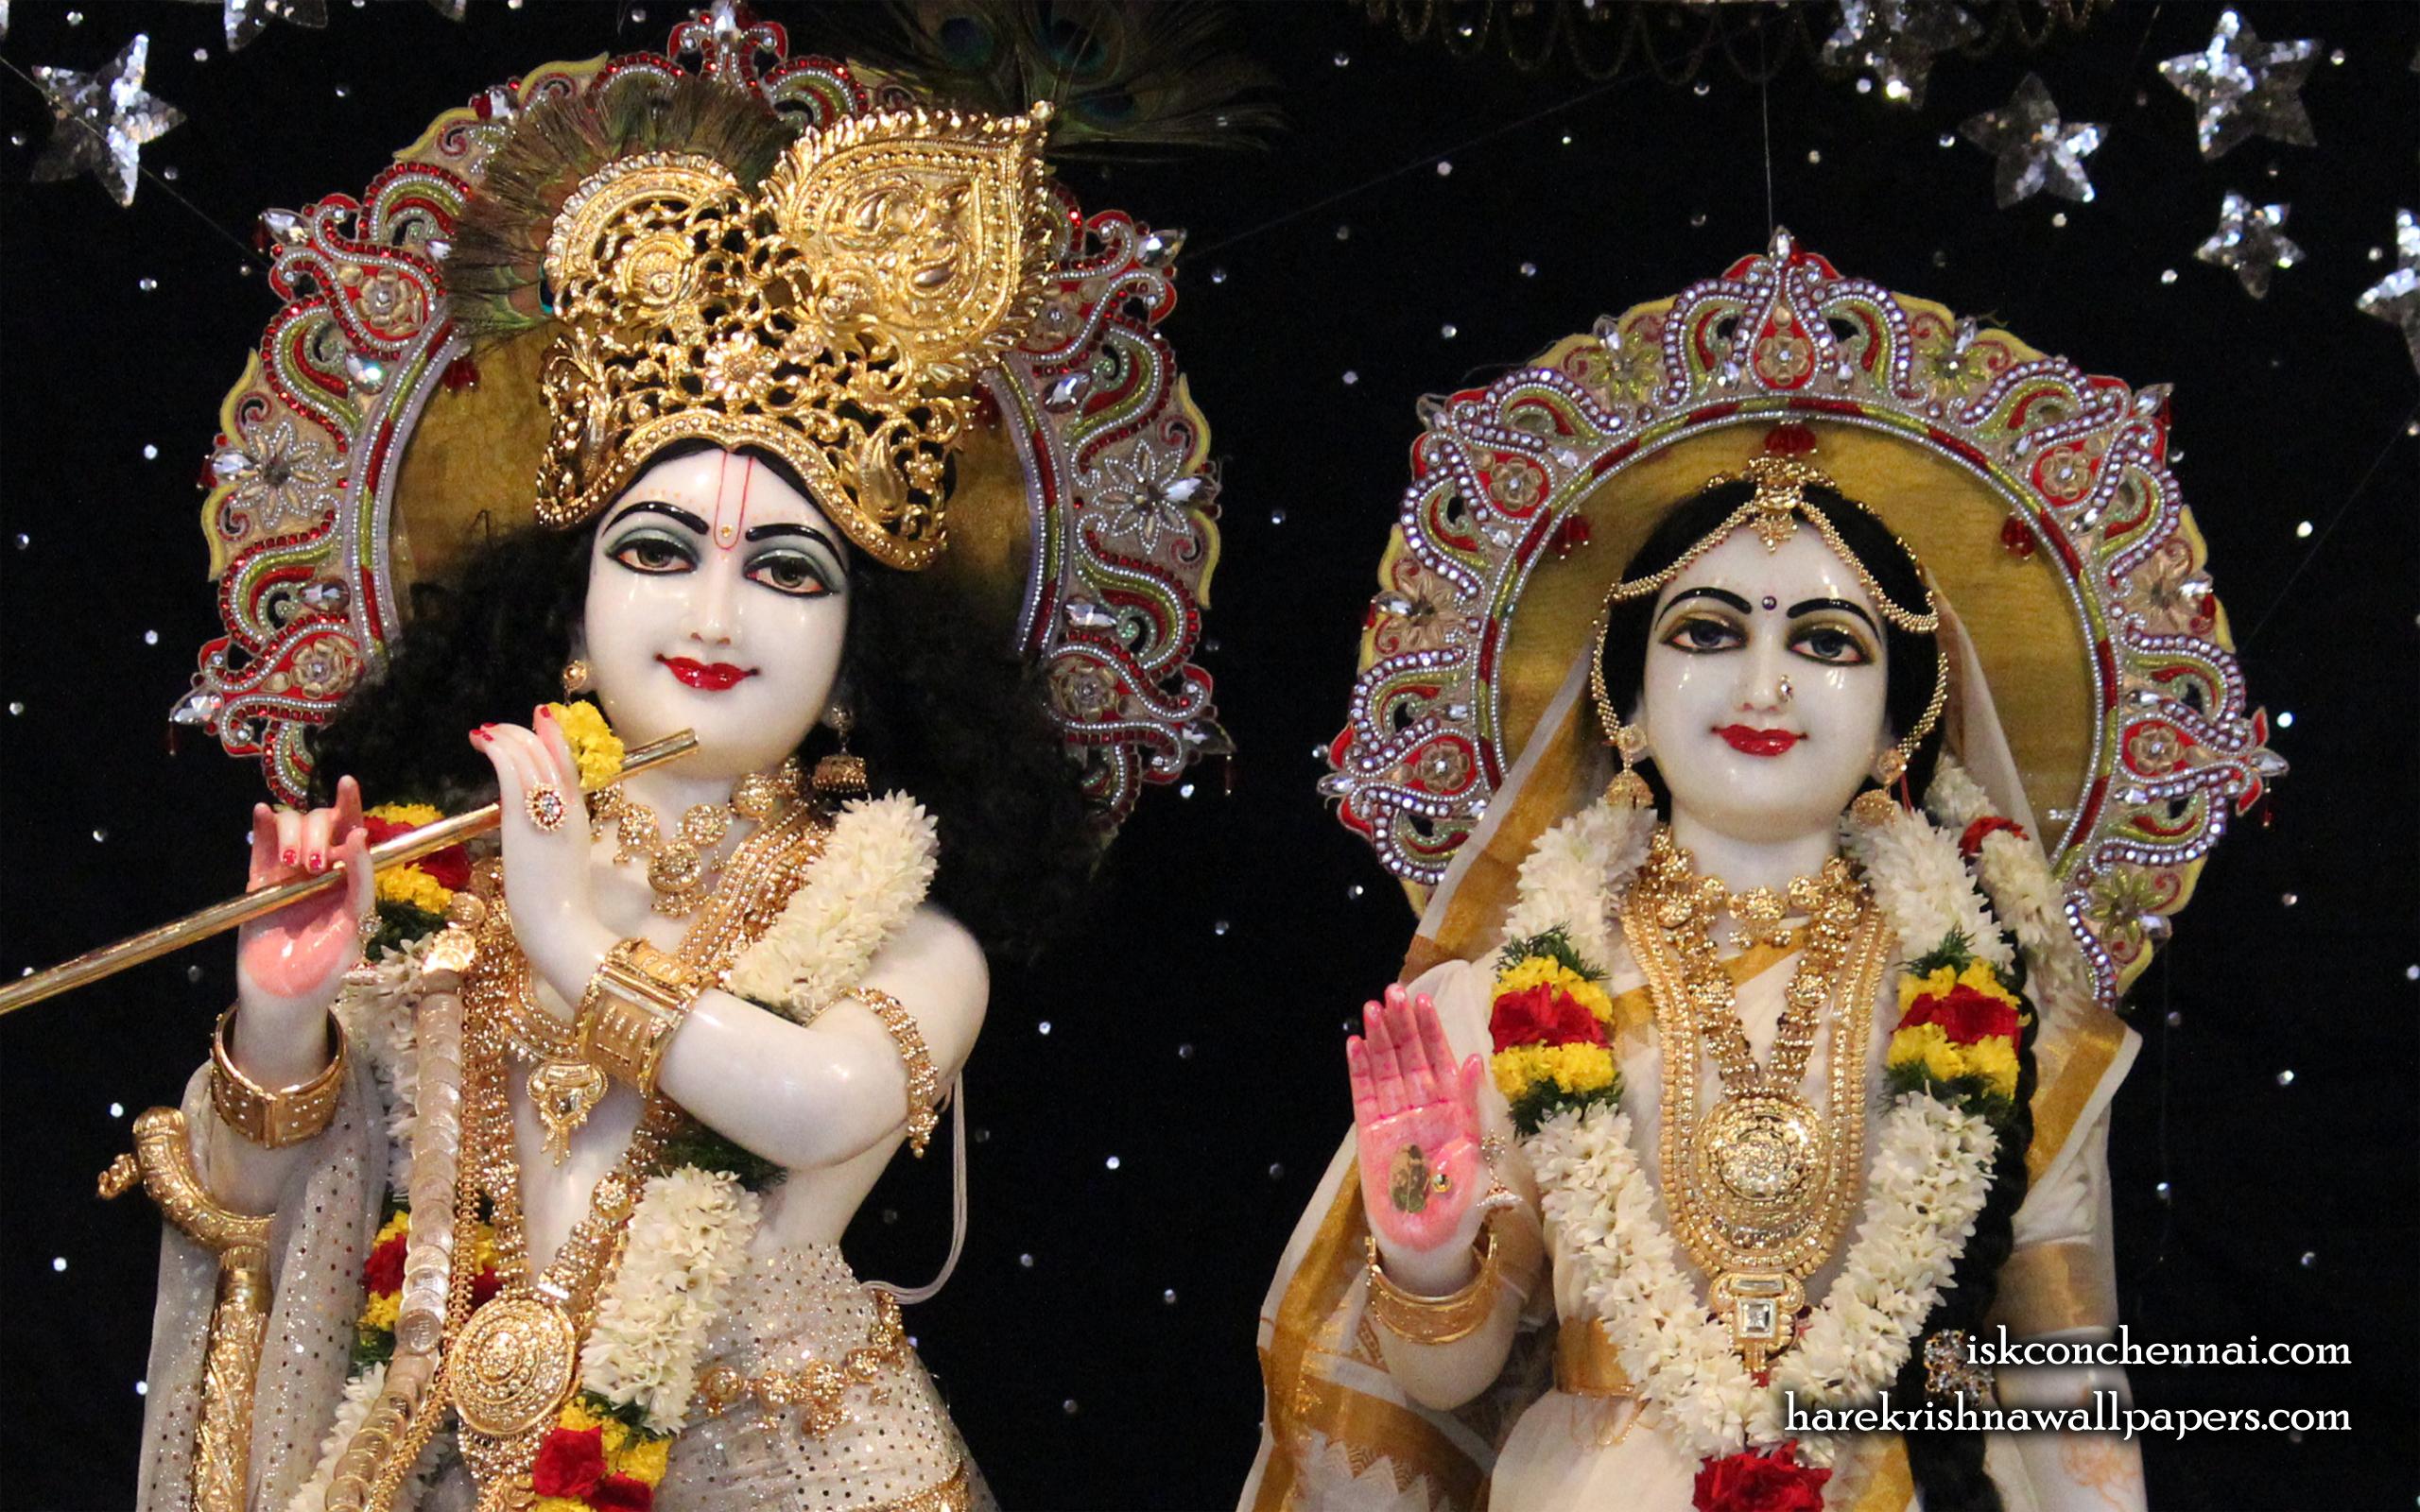 Sri Sri Radha Krishna Close up Wallpaper (010) Size 2560x1600 Download